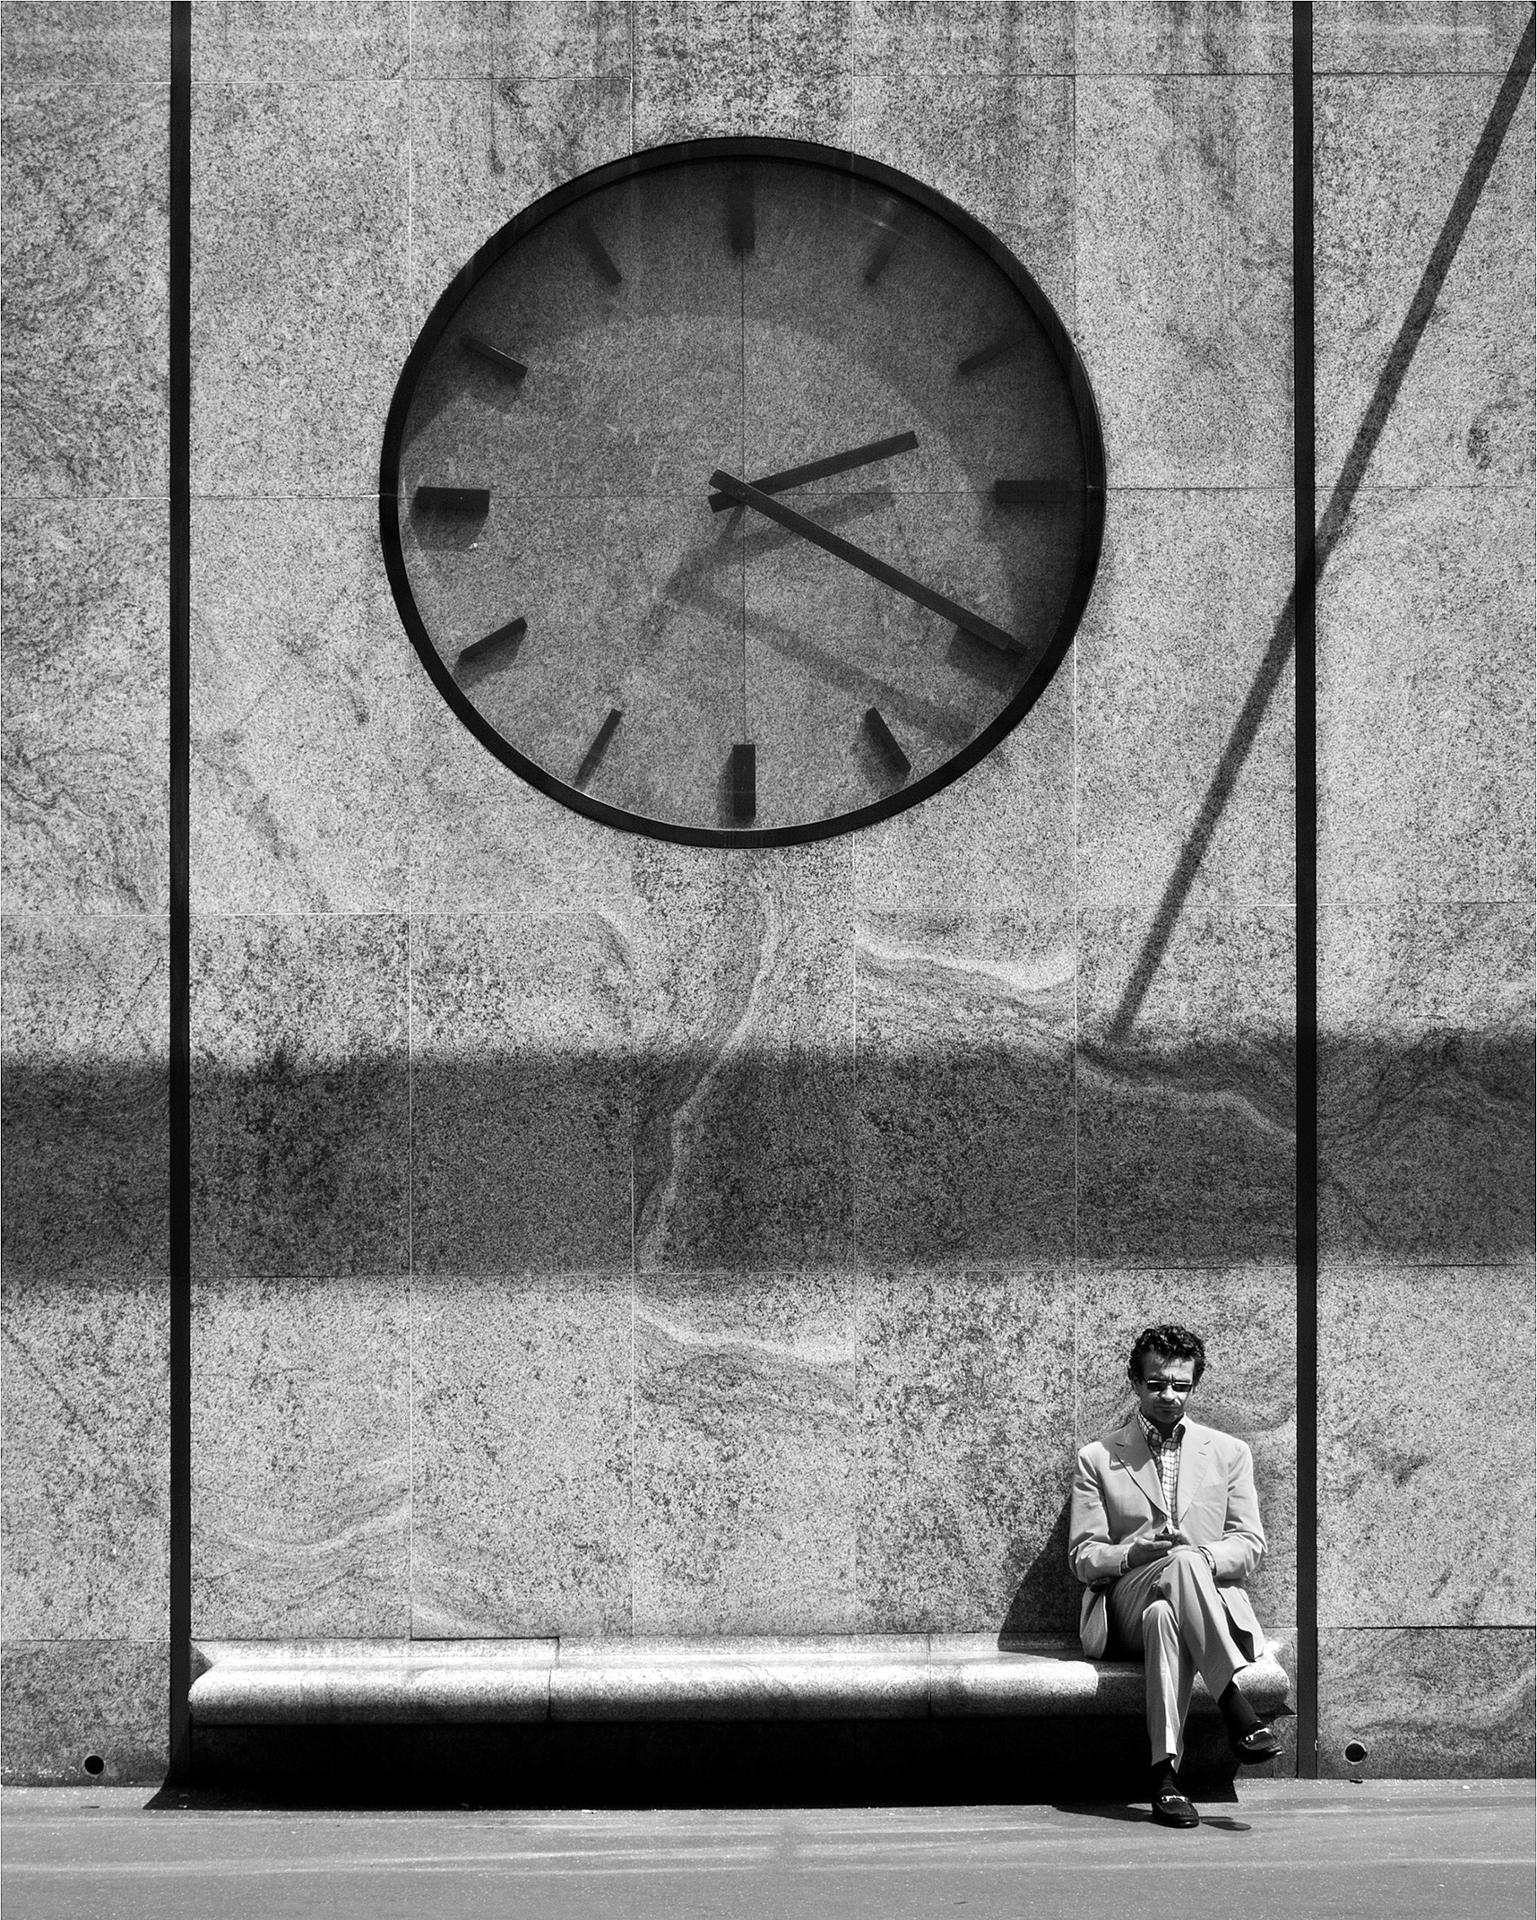 L'homme ponctuel